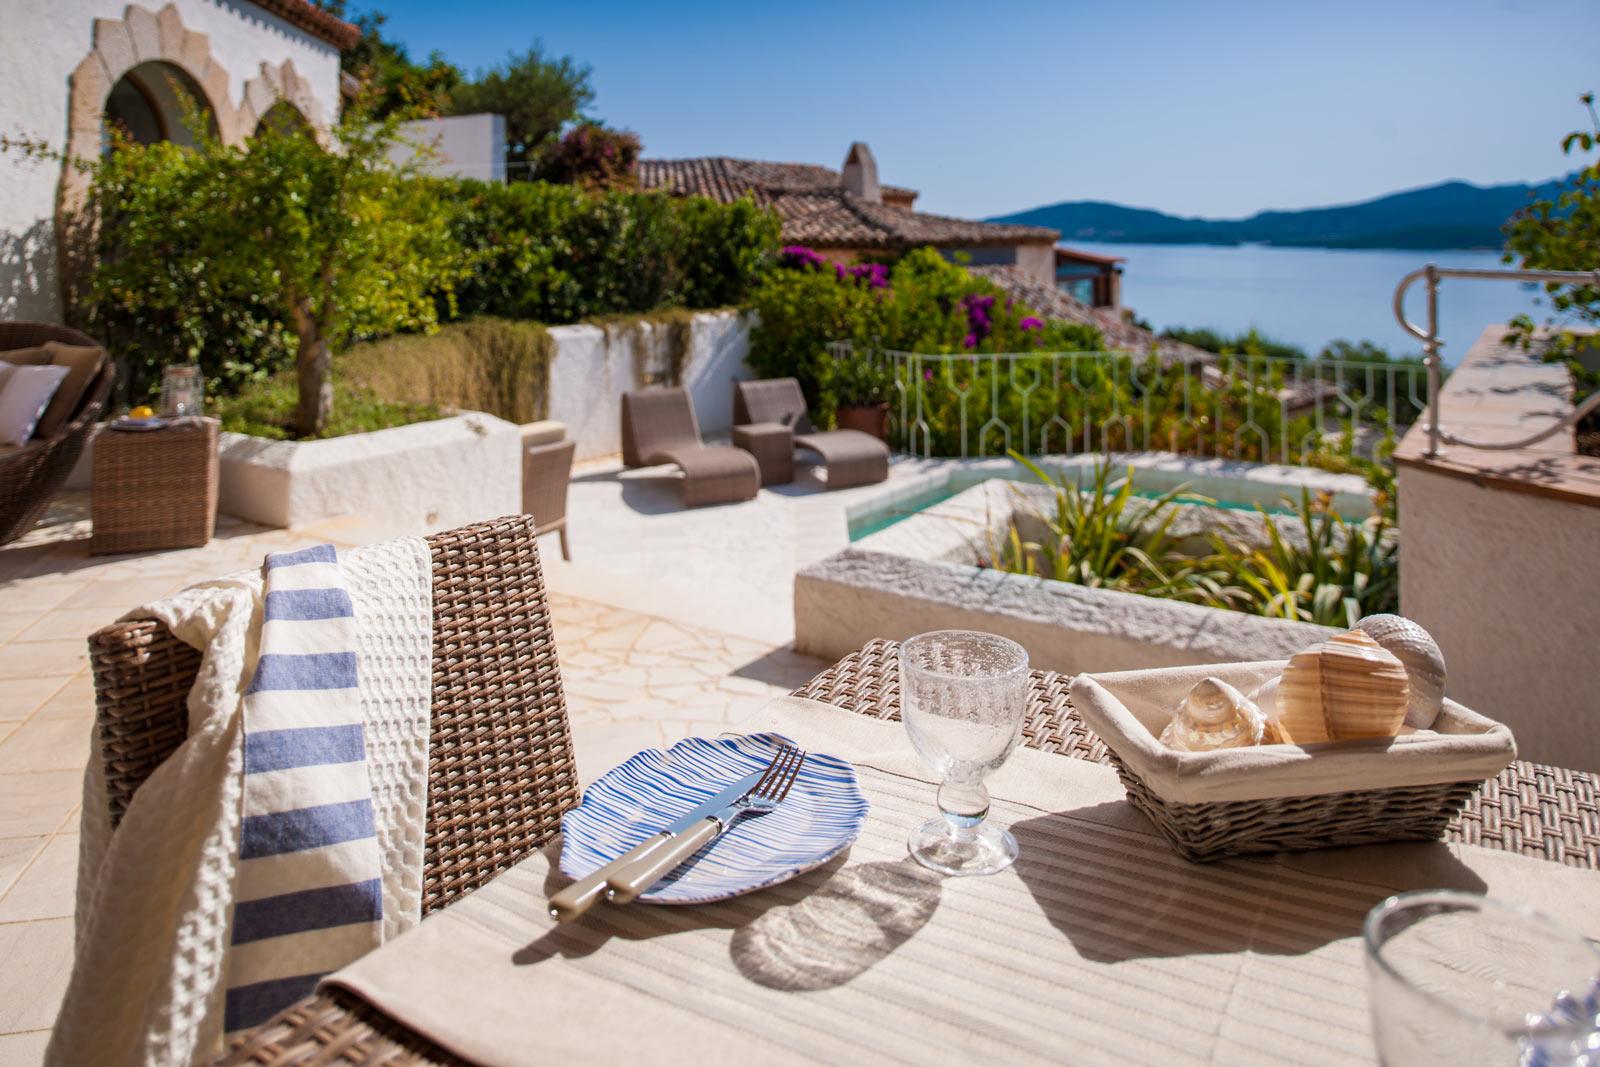 Villa Del Golfo Lifestyle: room / property / locale photo. Image 17